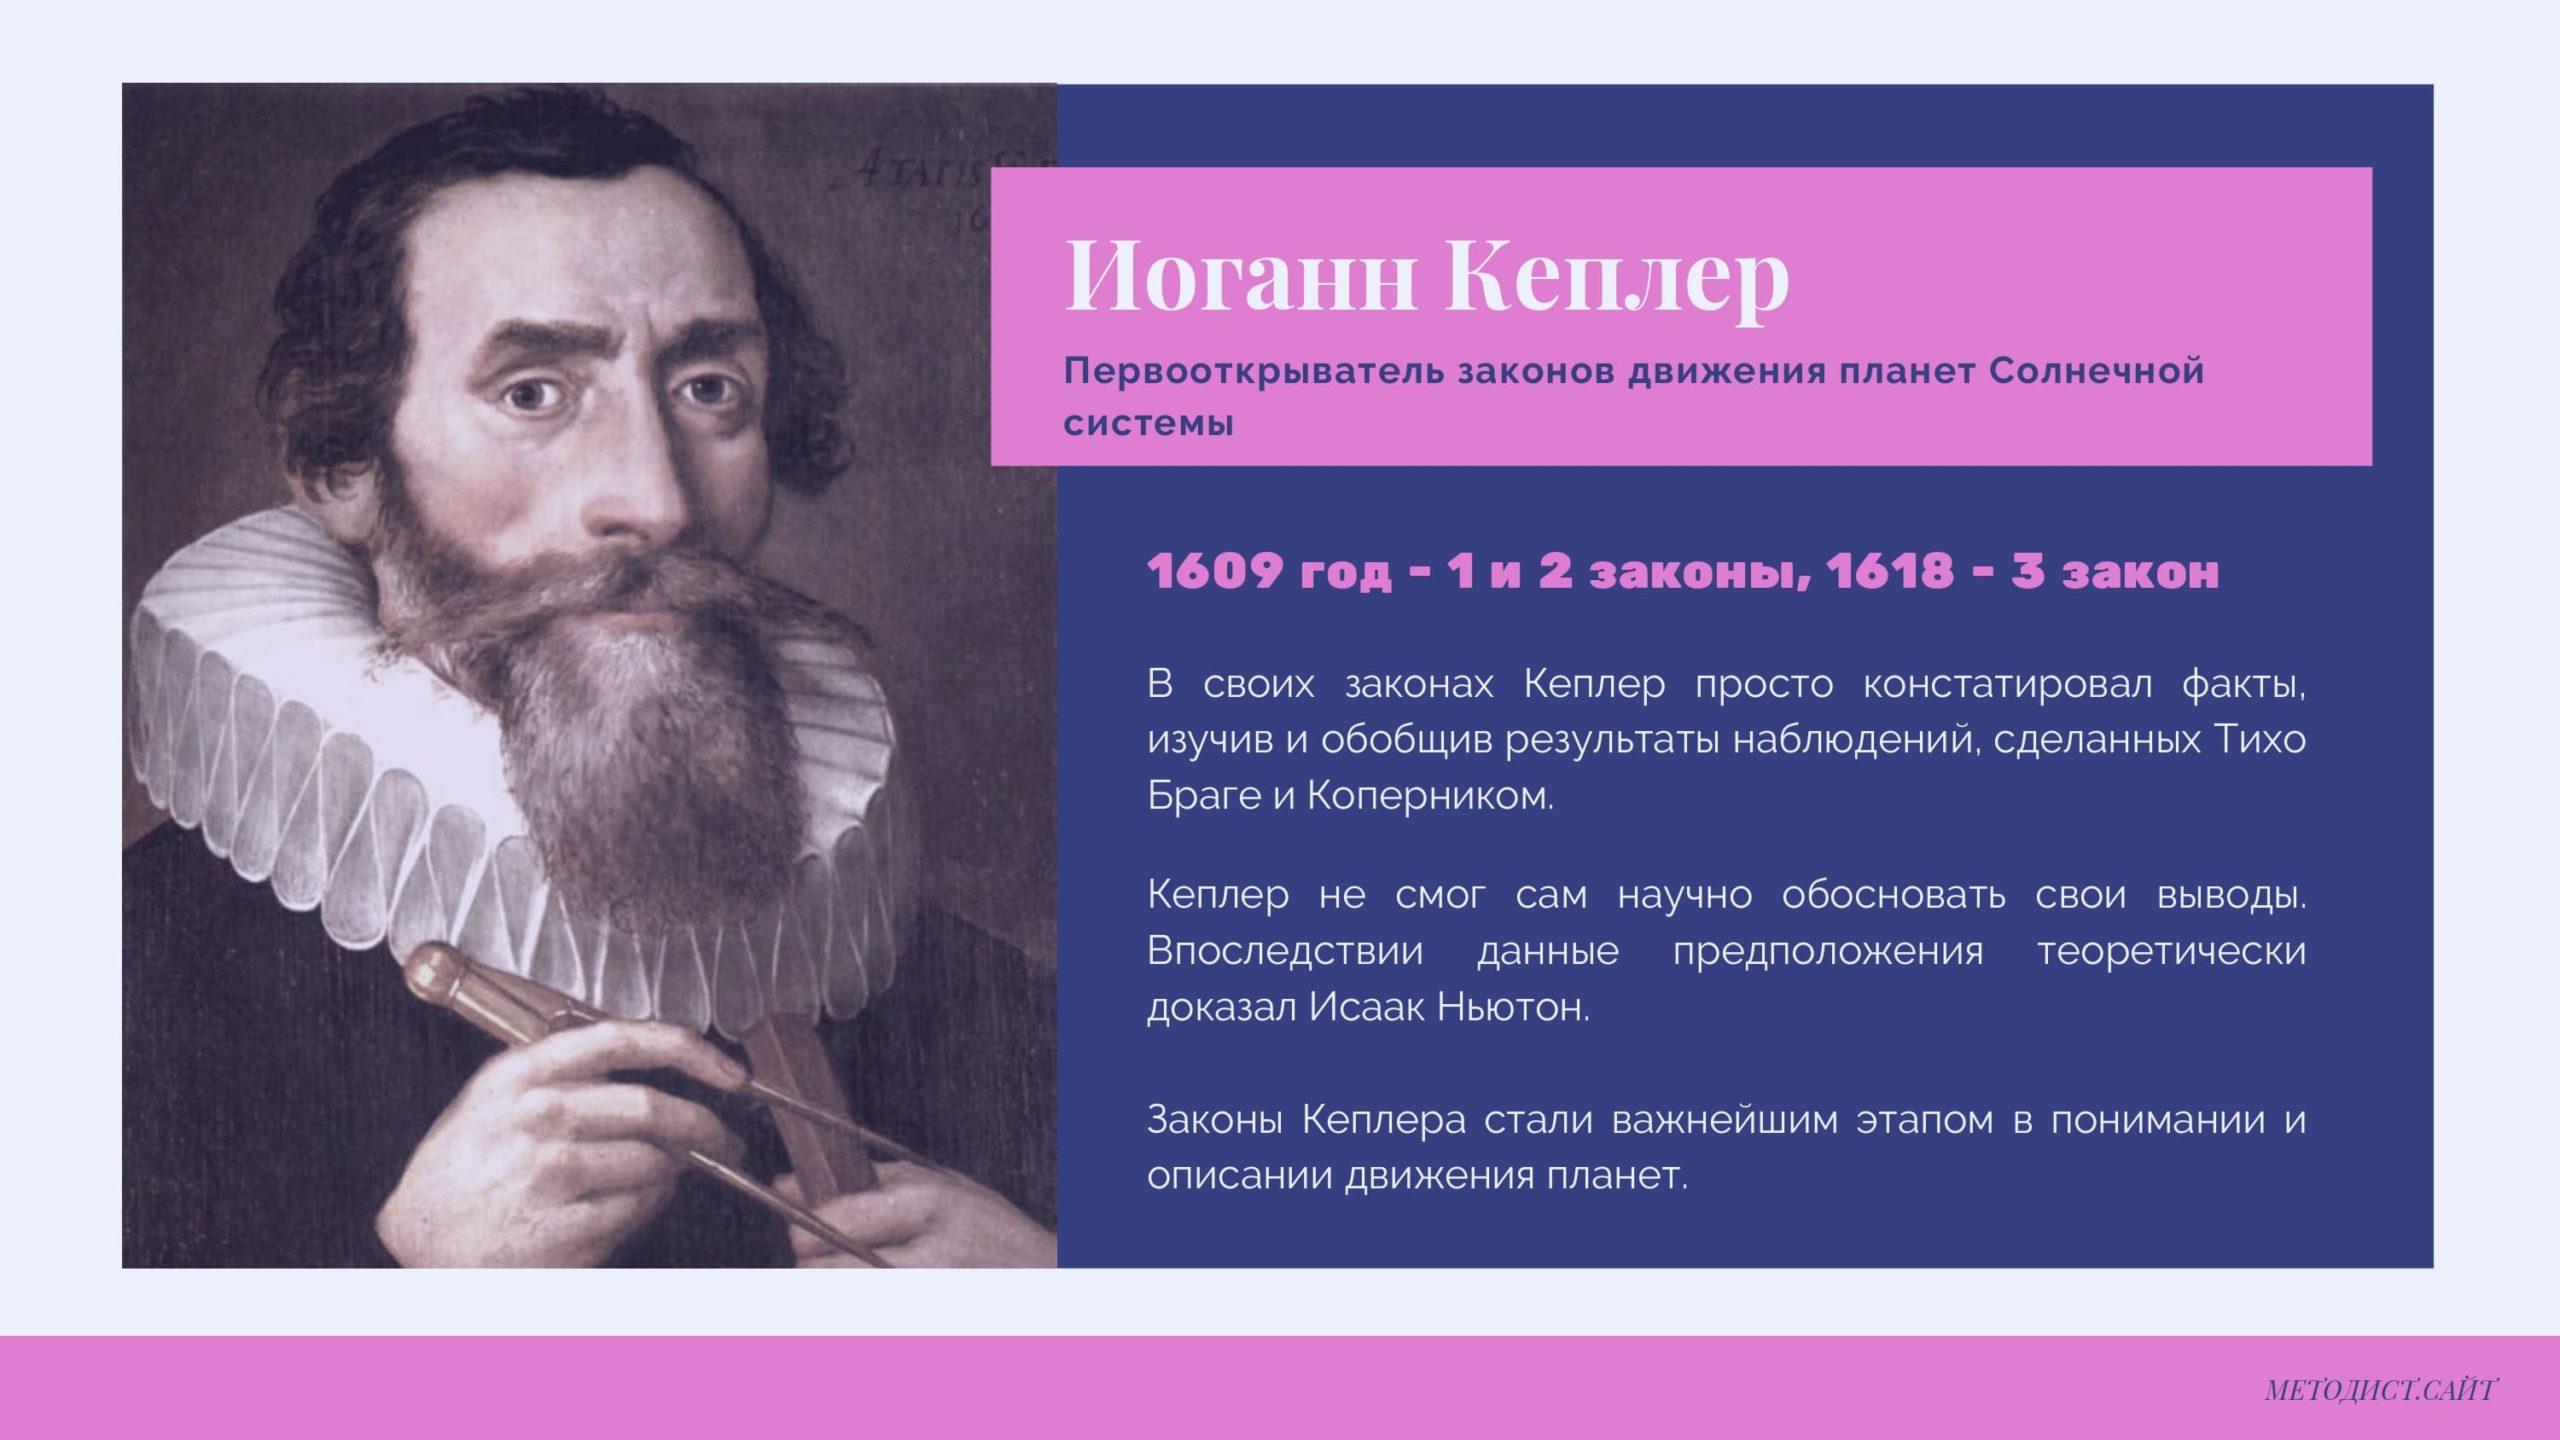 Иоганн Кеплер. Первооткрыватель законов движения планет Солнечной системы